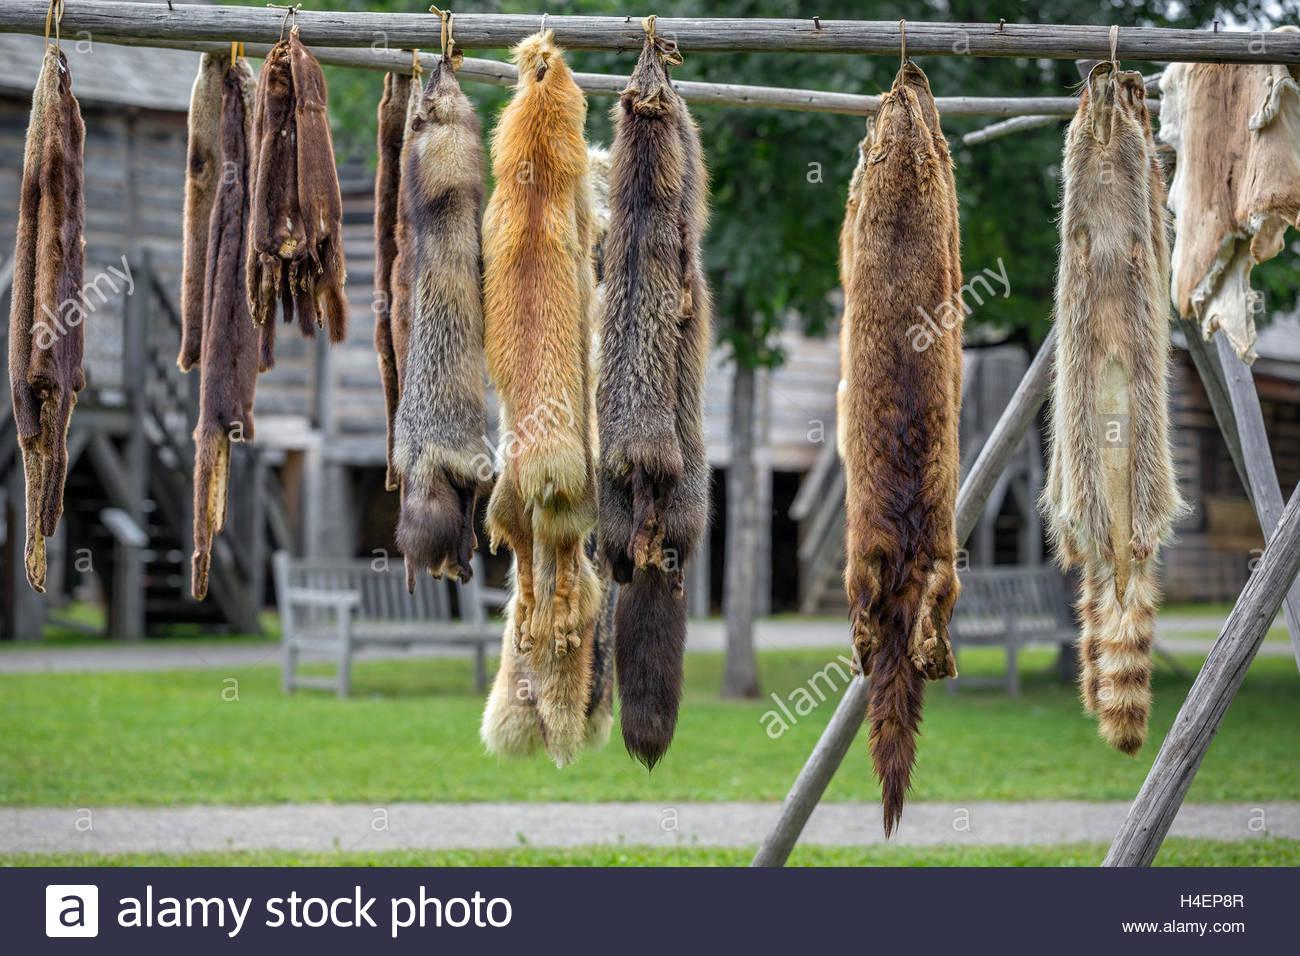 Pieles, pieles colgando, Ontario, Canadá. Imagen De Stock